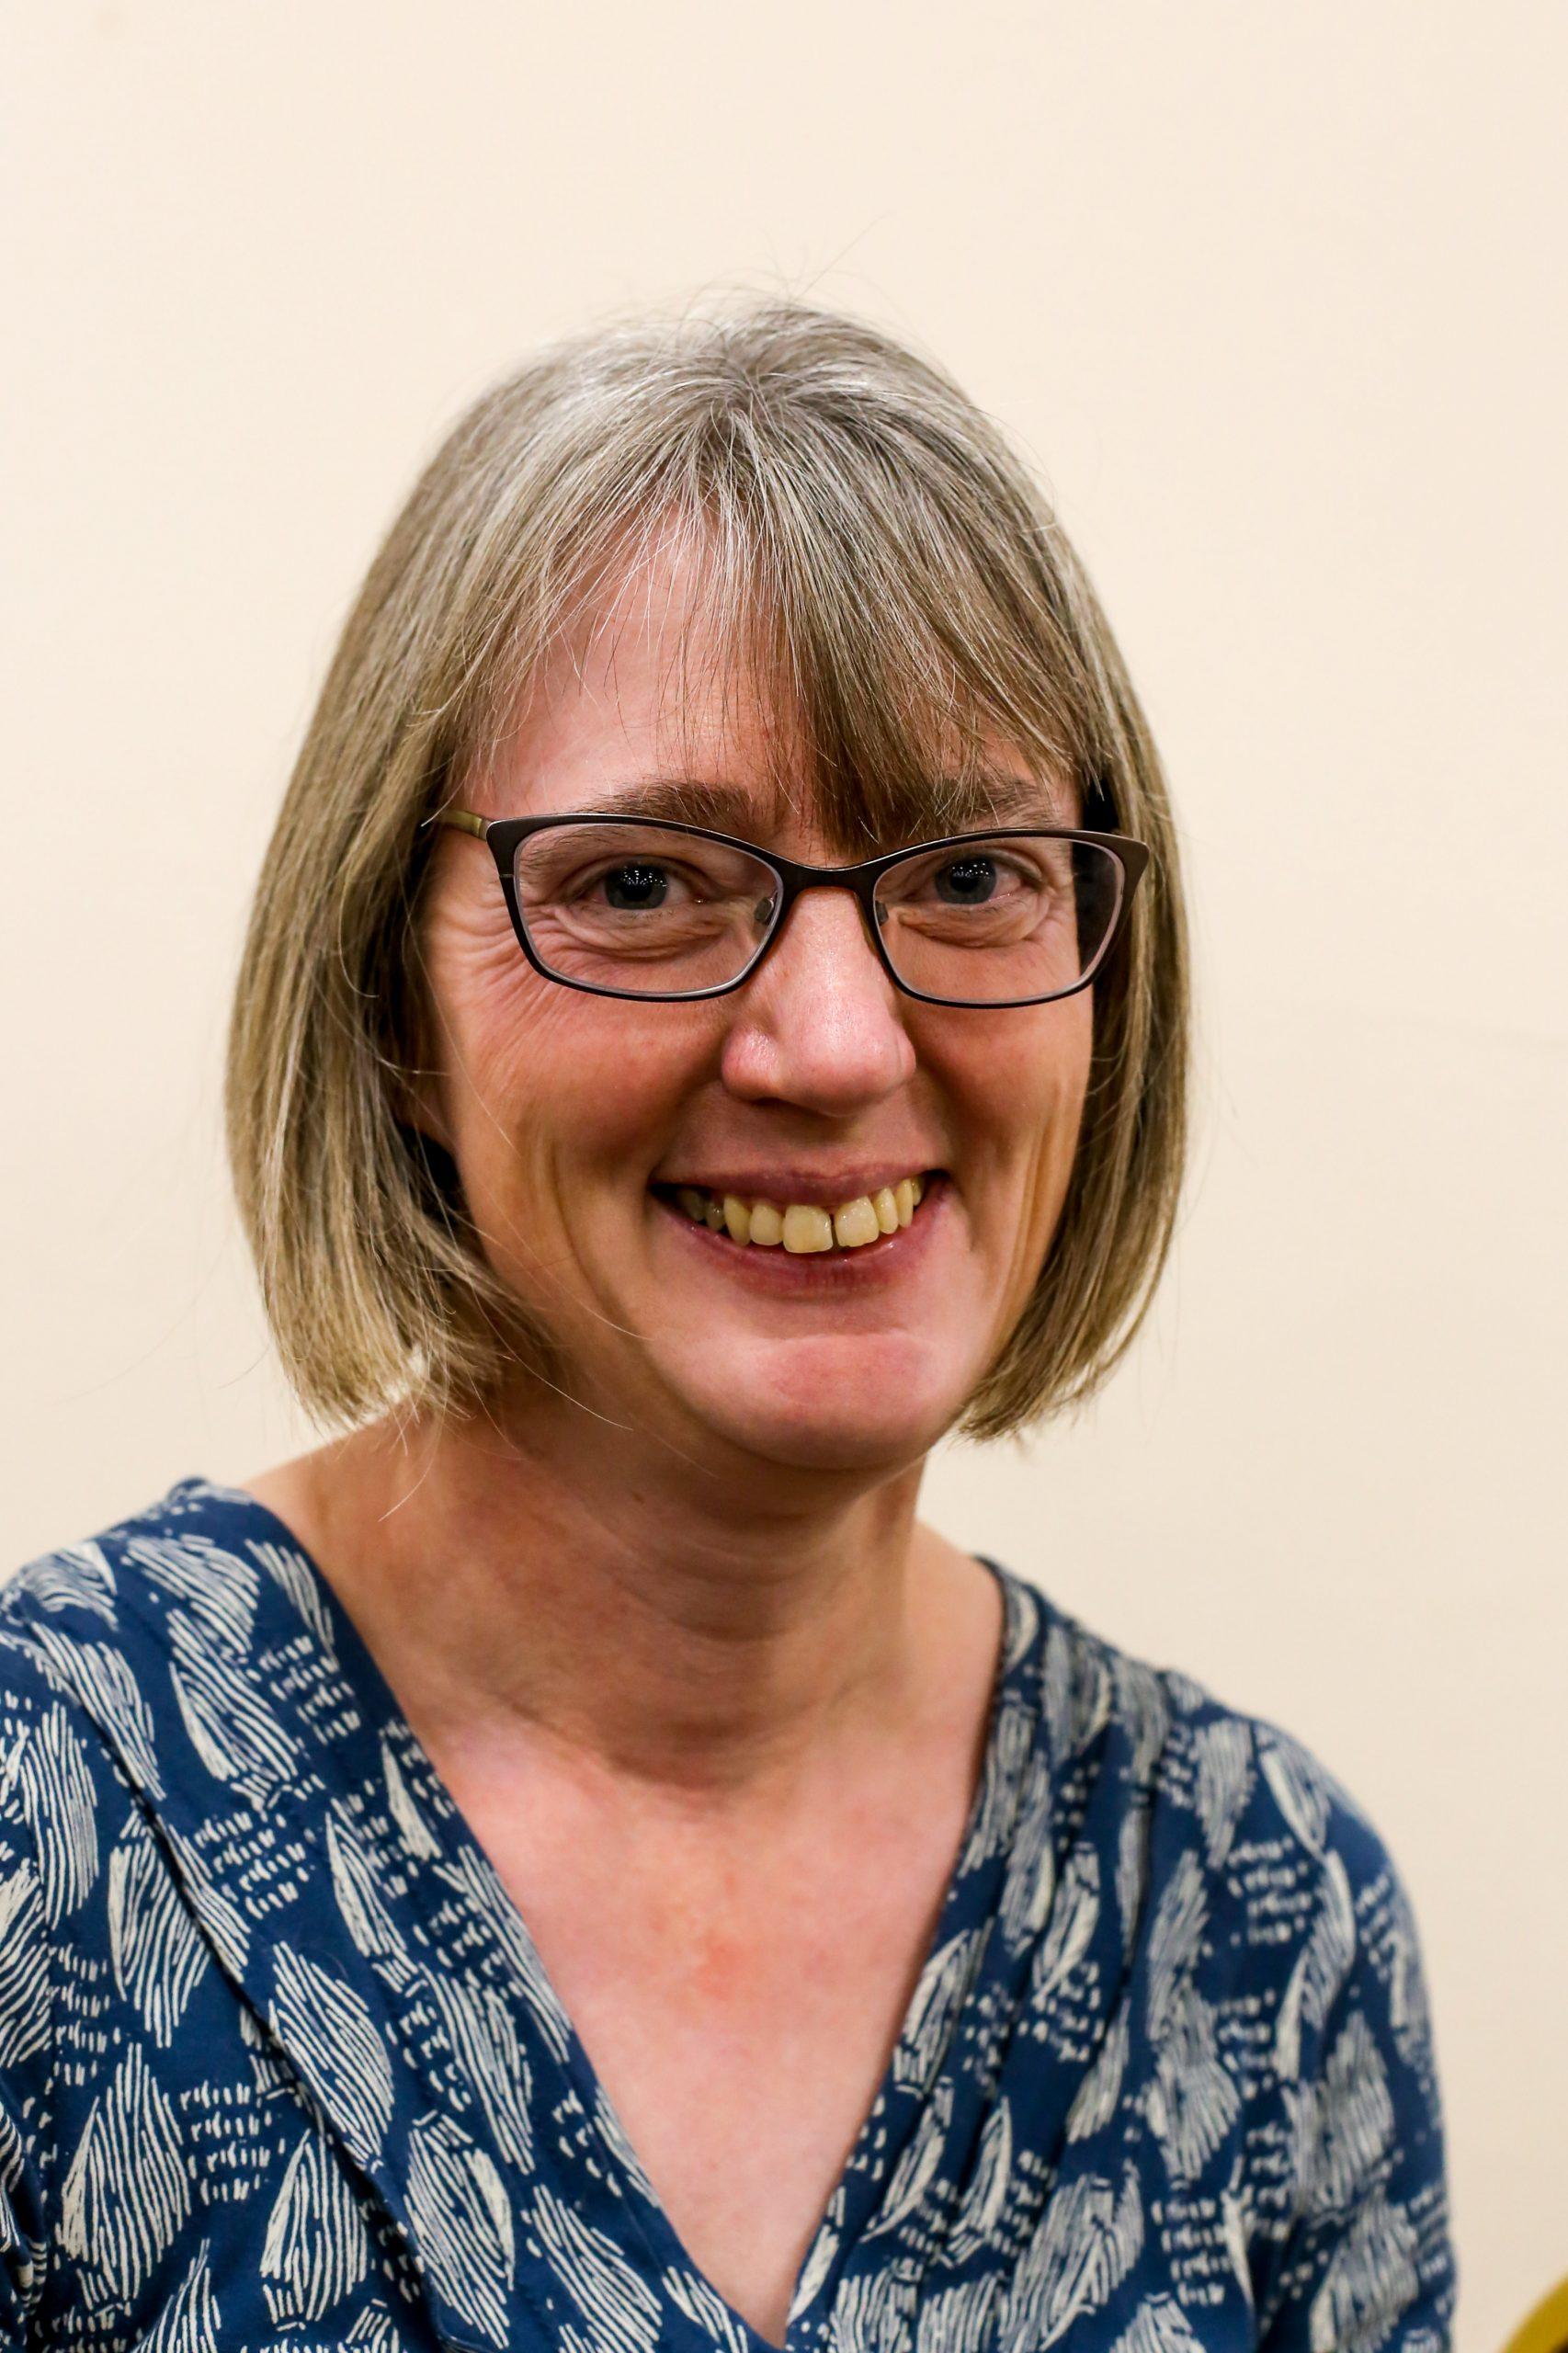 Helen Thorne